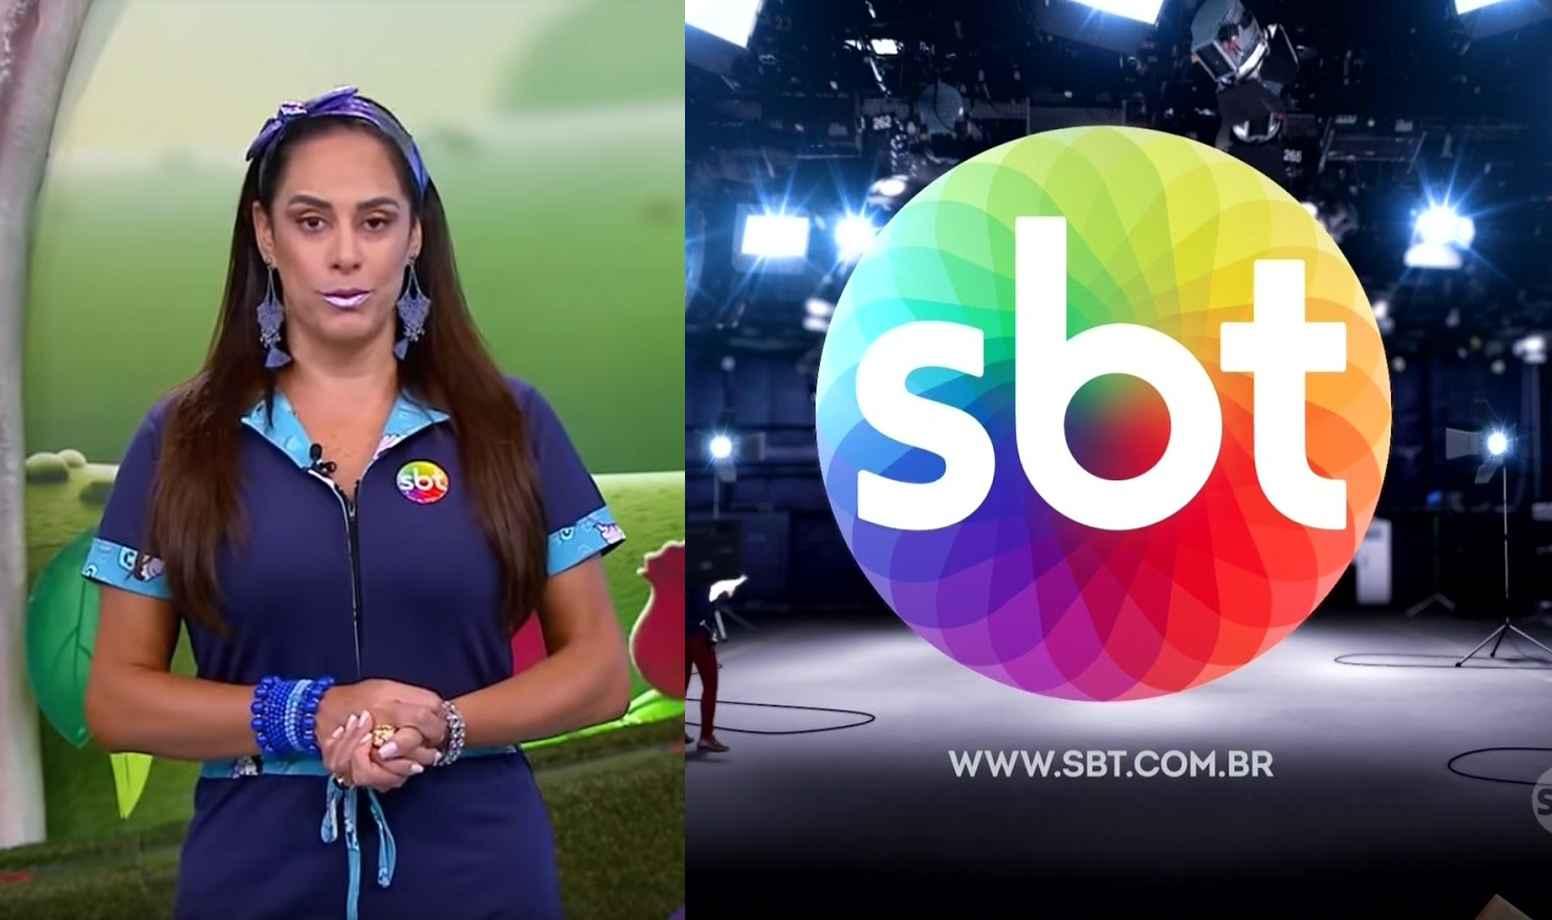 SBT estuda lançar programa de variedades nas manhãs substituindo Bom Dia e Cia-compressed (1)